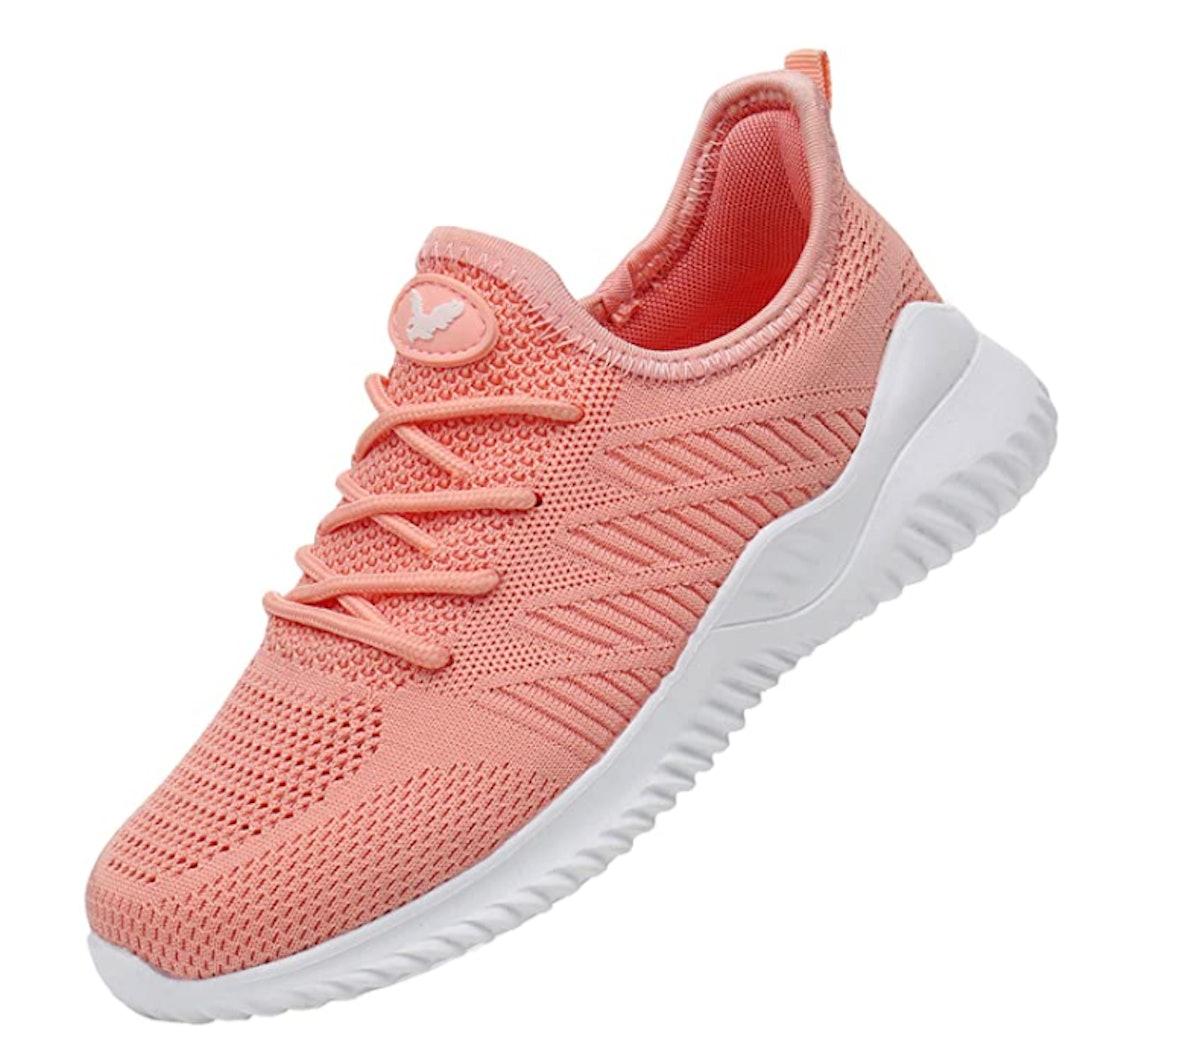 RomenSi Women's Sneakers